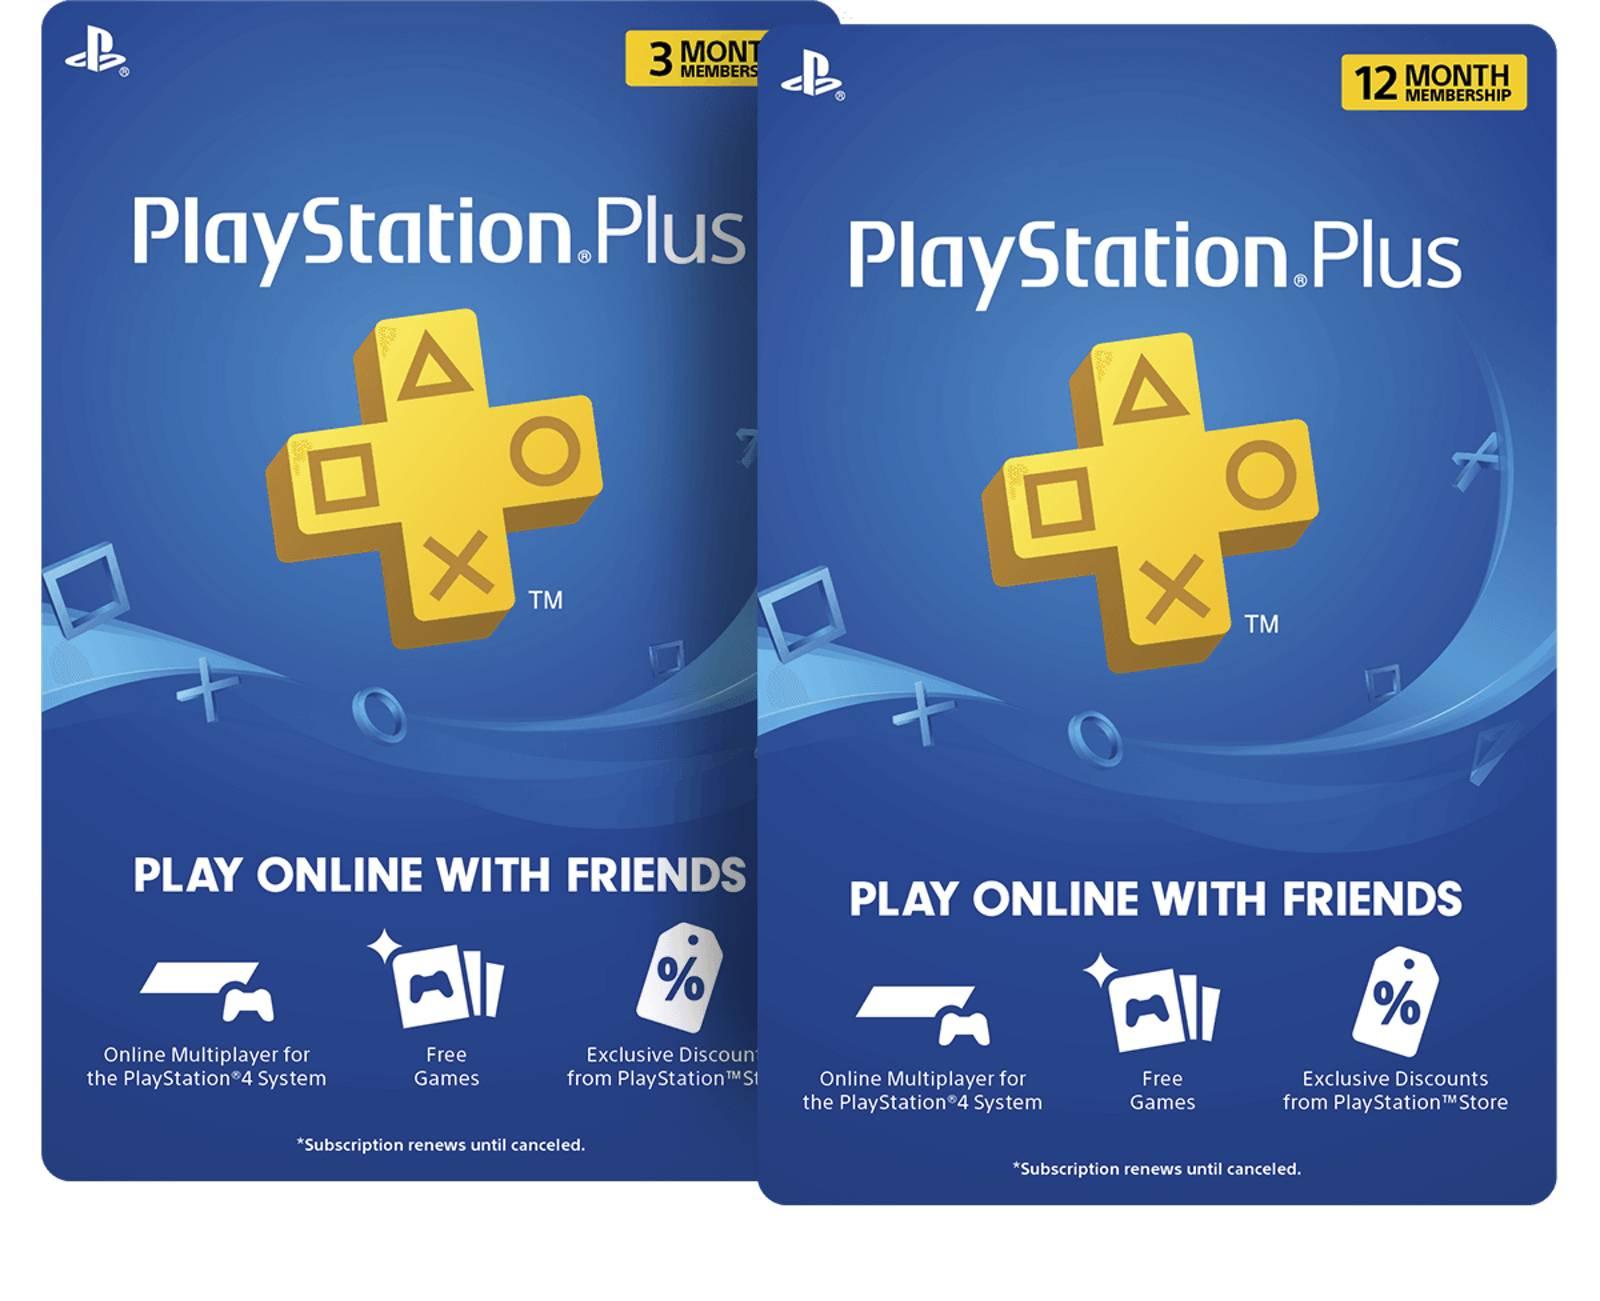 Os gift cards do PS Plus oferecem meses de assinatura para quem comprar, sendo uma opção de presente (Fonte: Divulgação/PlayStation)